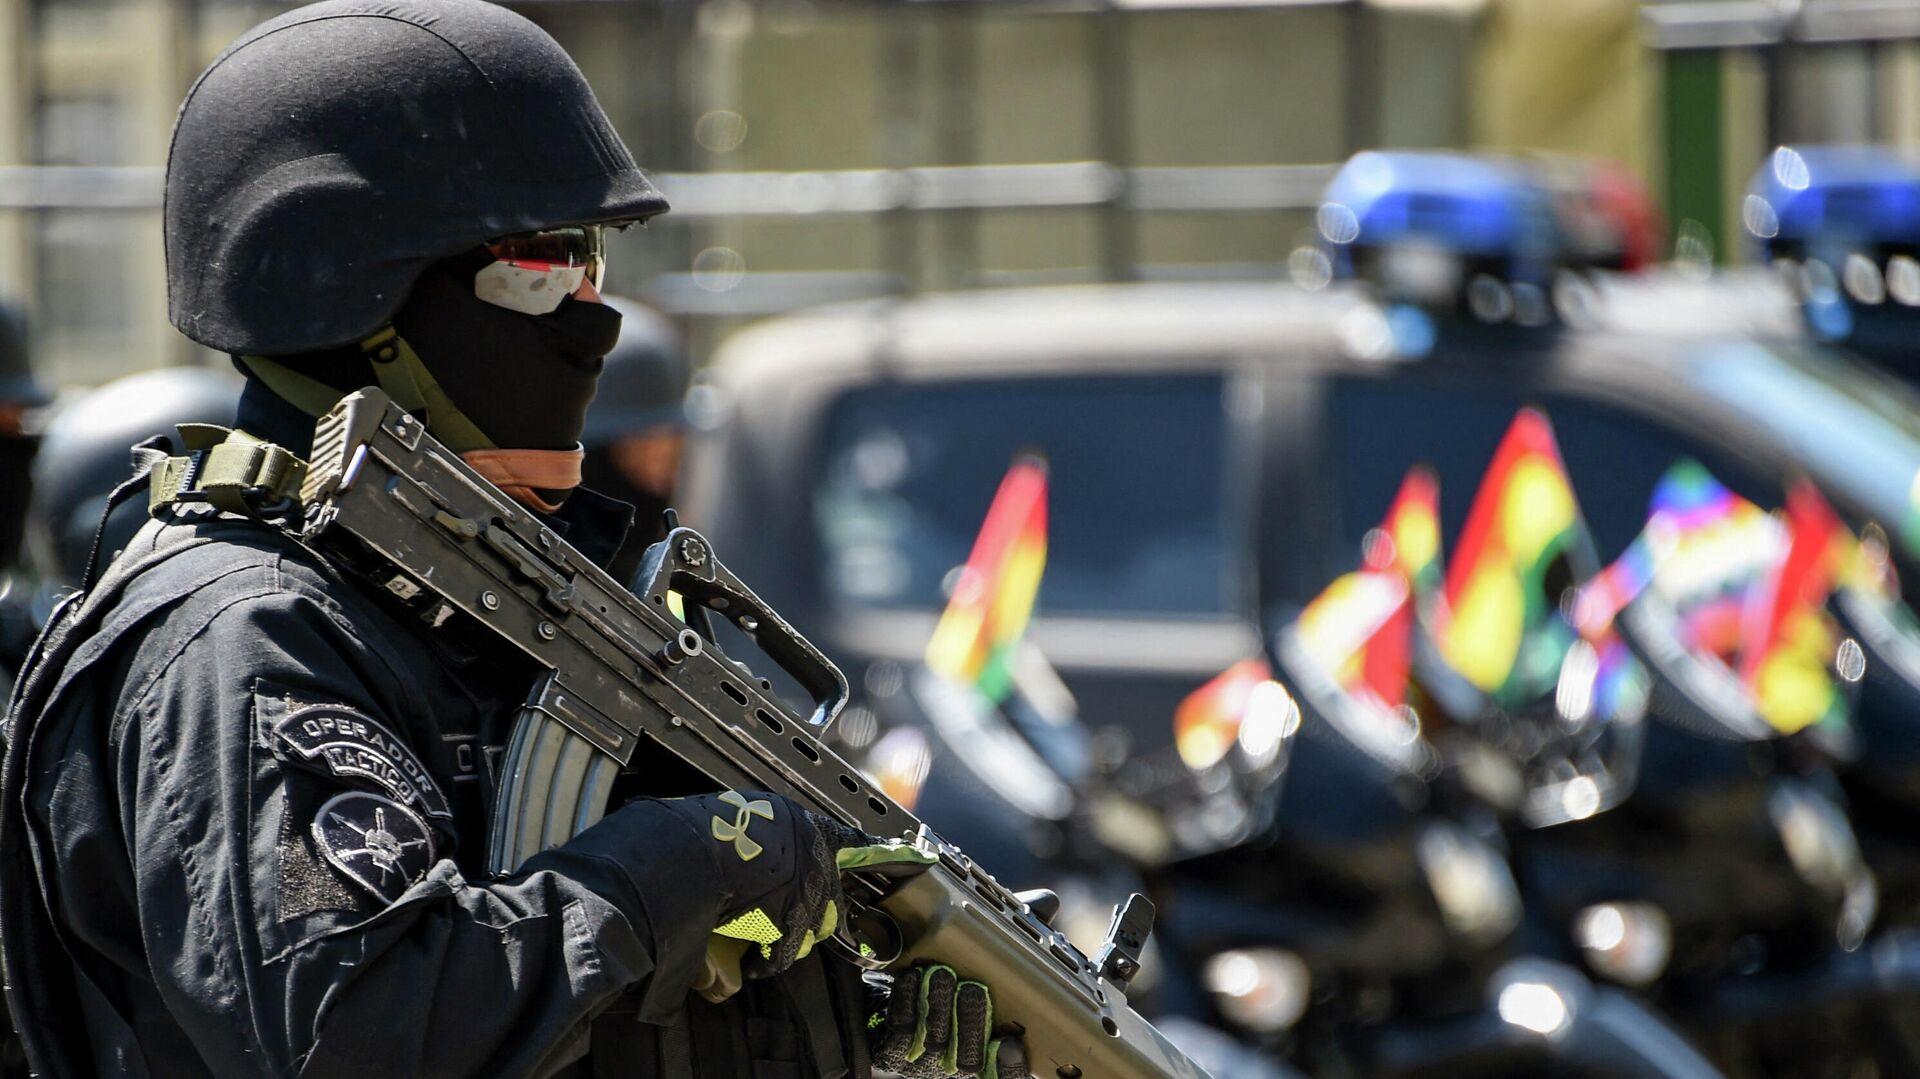 Un miembro de la unidad antiterrorista de la Policía de Bolivia - Sputnik Mundo, 1920, 14.07.2021